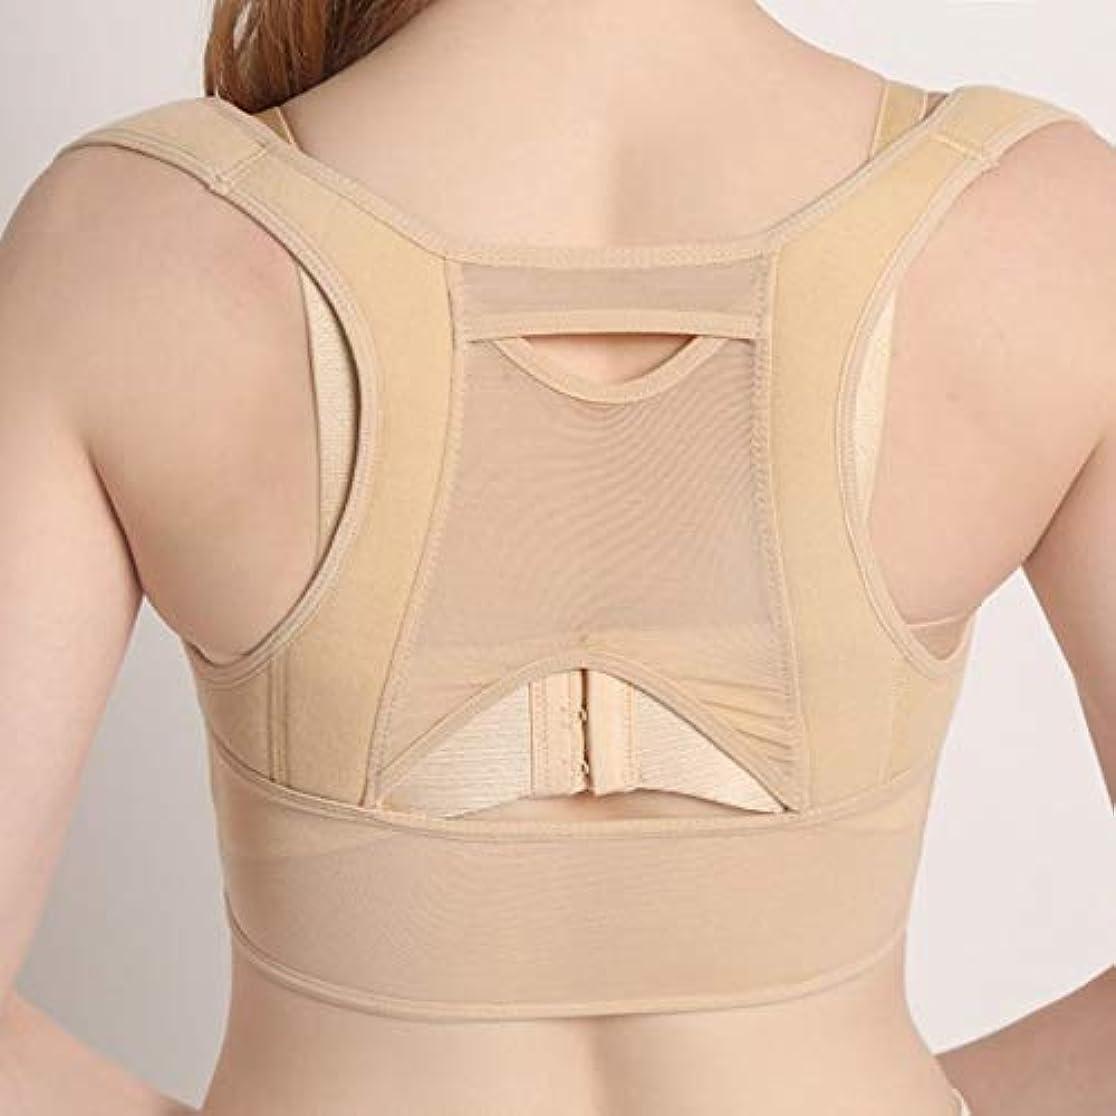 ラダジェットいらいらする通気性のある女性の背中の姿勢矯正コルセット整形外科の肩の背骨の姿勢矯正腰椎サポート - ベージュホワイトM